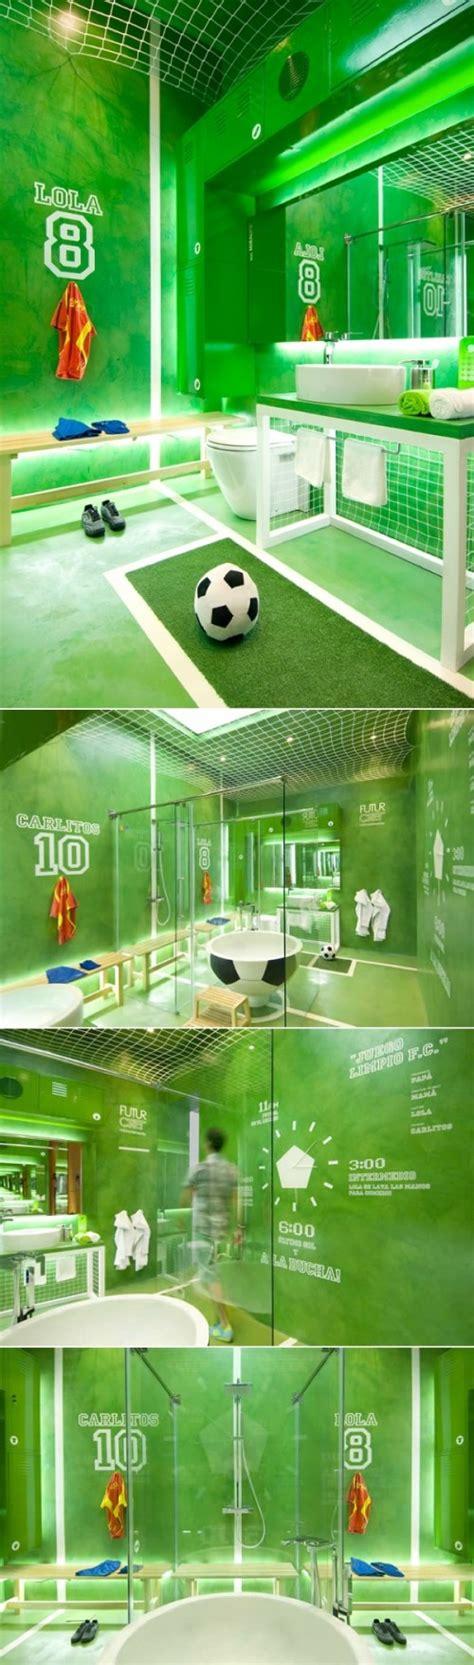 Bedroom Wall Sticker 10 boys soccer room ideas capturing joy with kristen duke